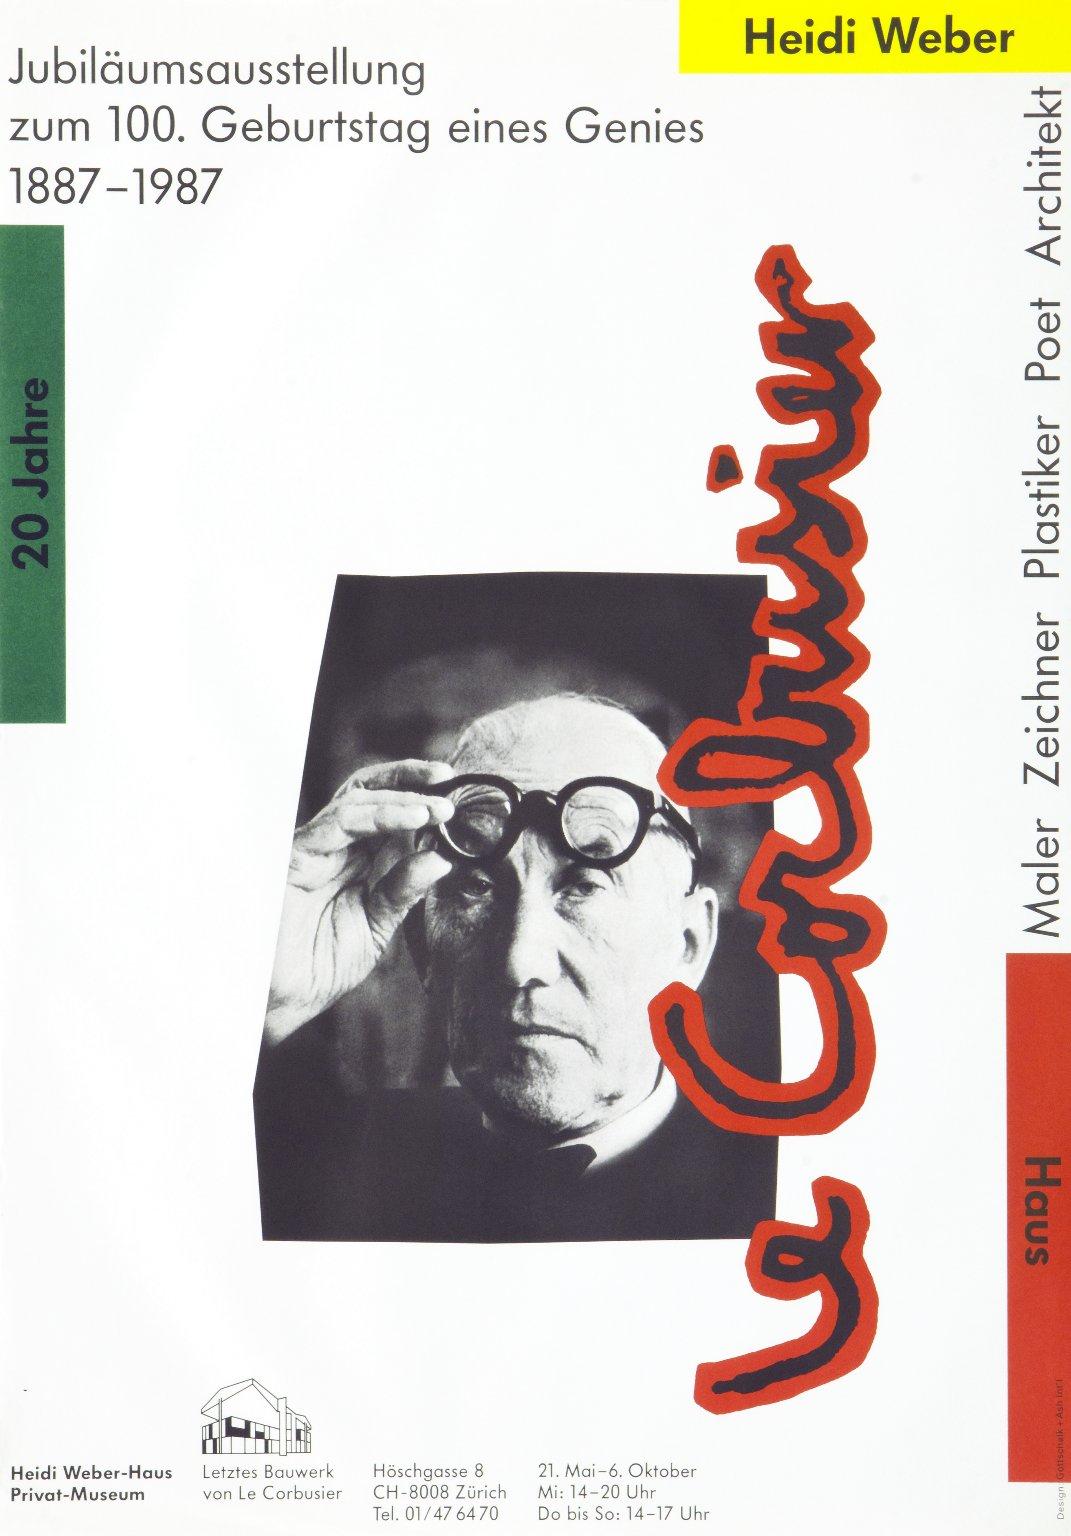 Jubiläumsausstellung zum 100. Geburtstag eines Genies Le Corbusier